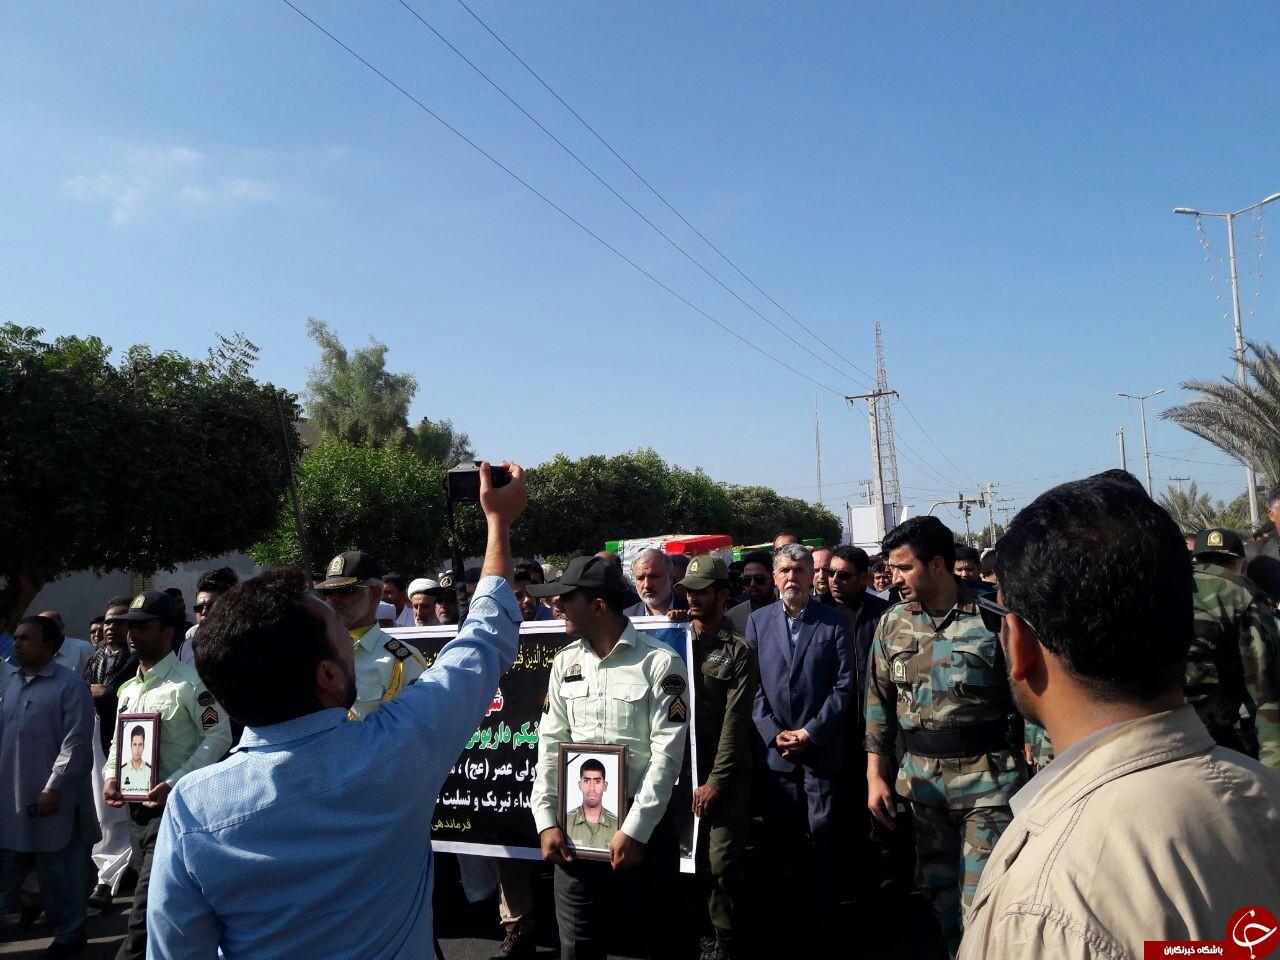 پیکر شهدای حادثه تروریستی چابهار تشییع شد +تصاویر